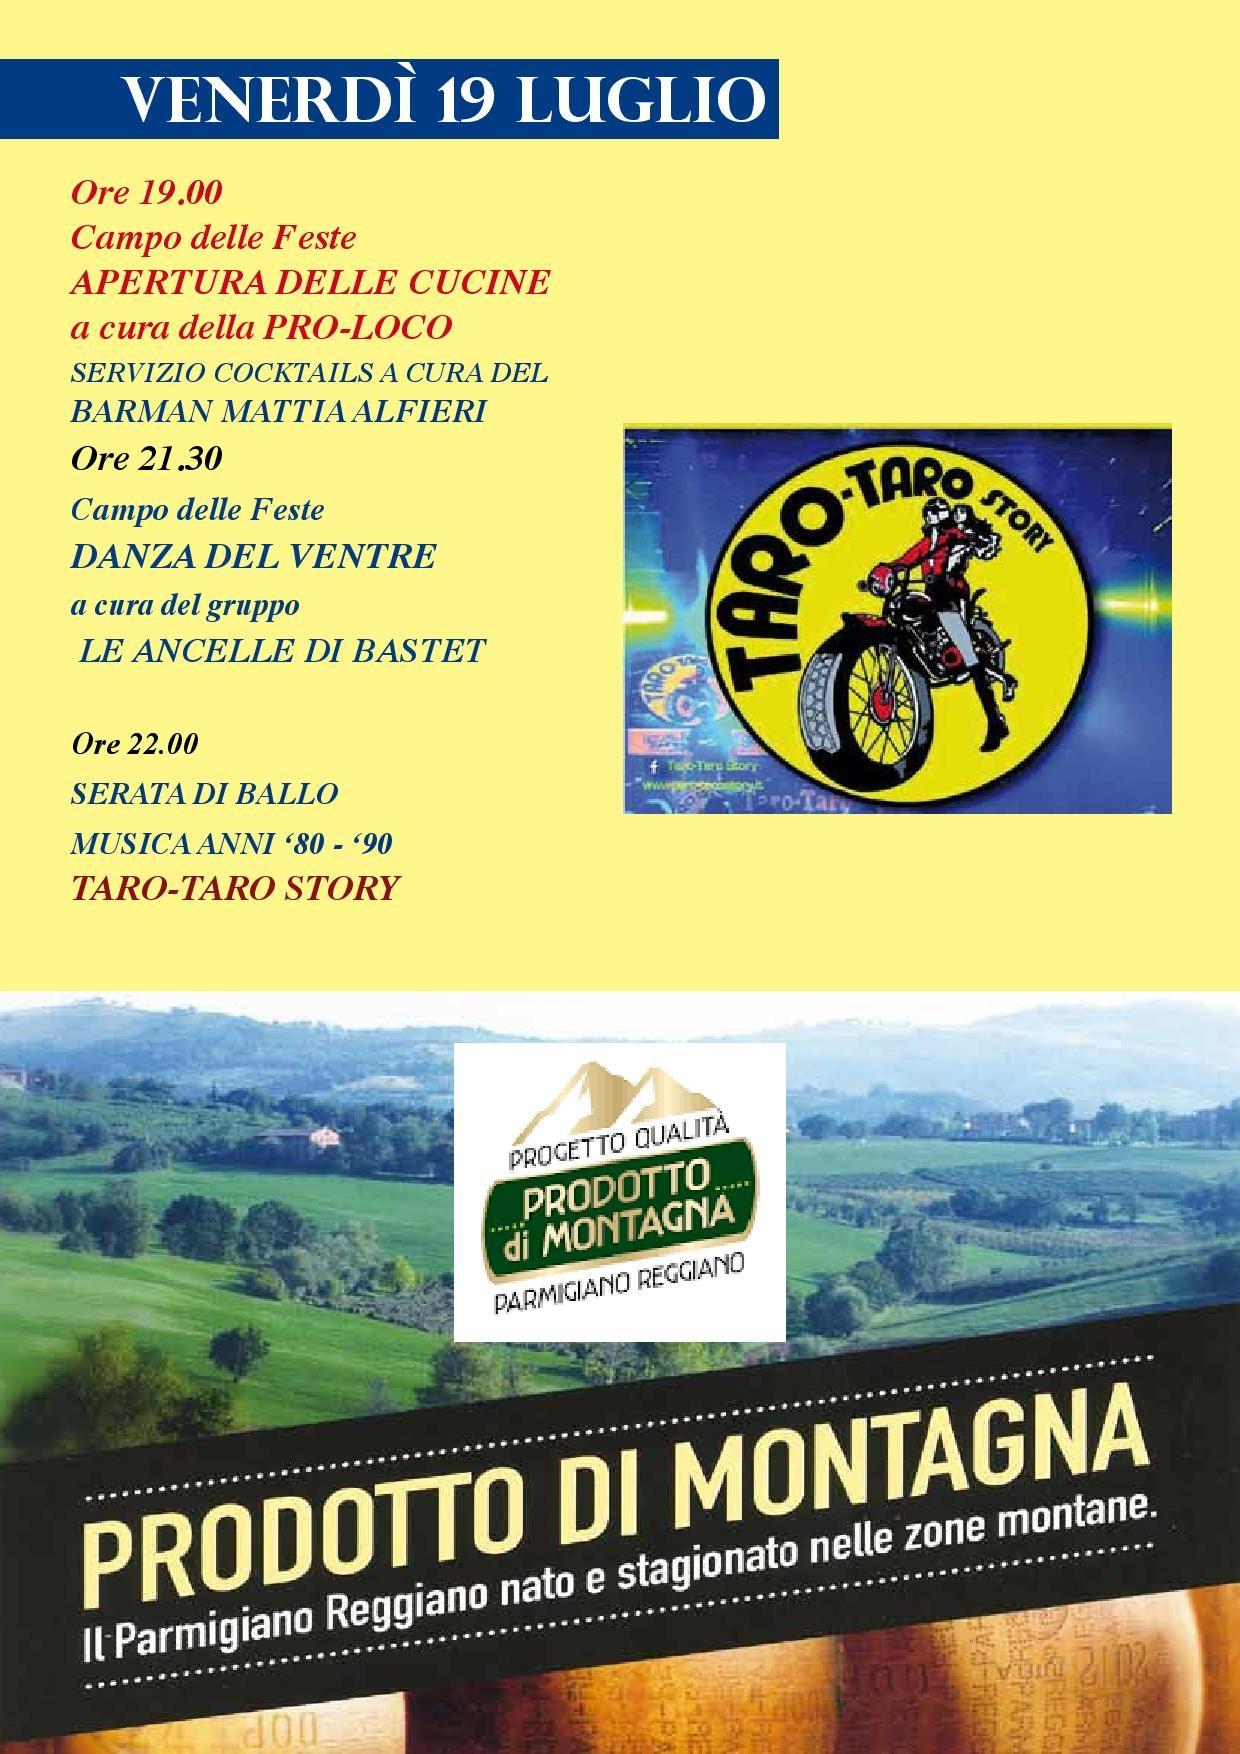 Fiera del Parmigiano Reggiano di Montagna a Pellegrino Parmense, programma del 19 luglio